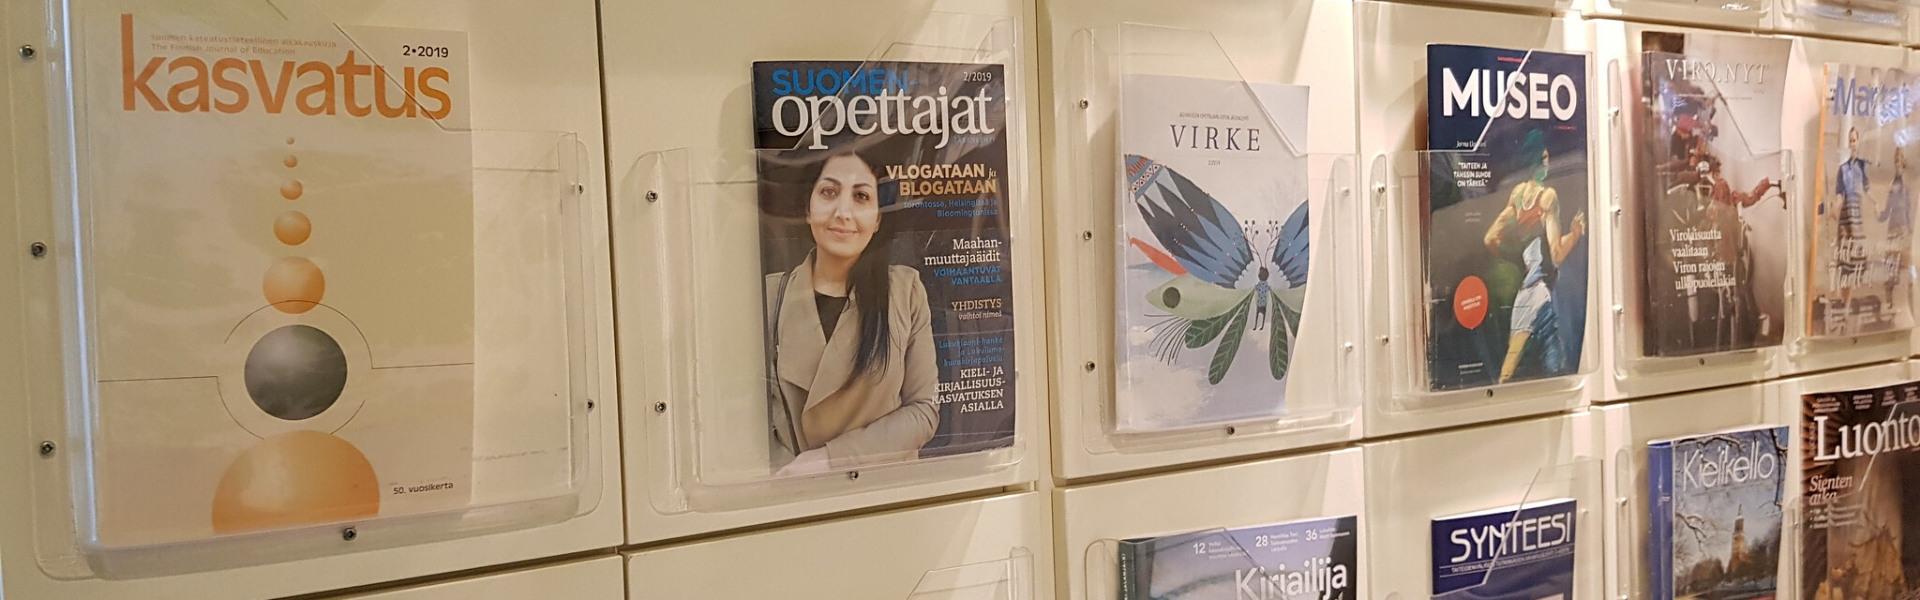 ajakirjad raamatukogu lugemissaalis